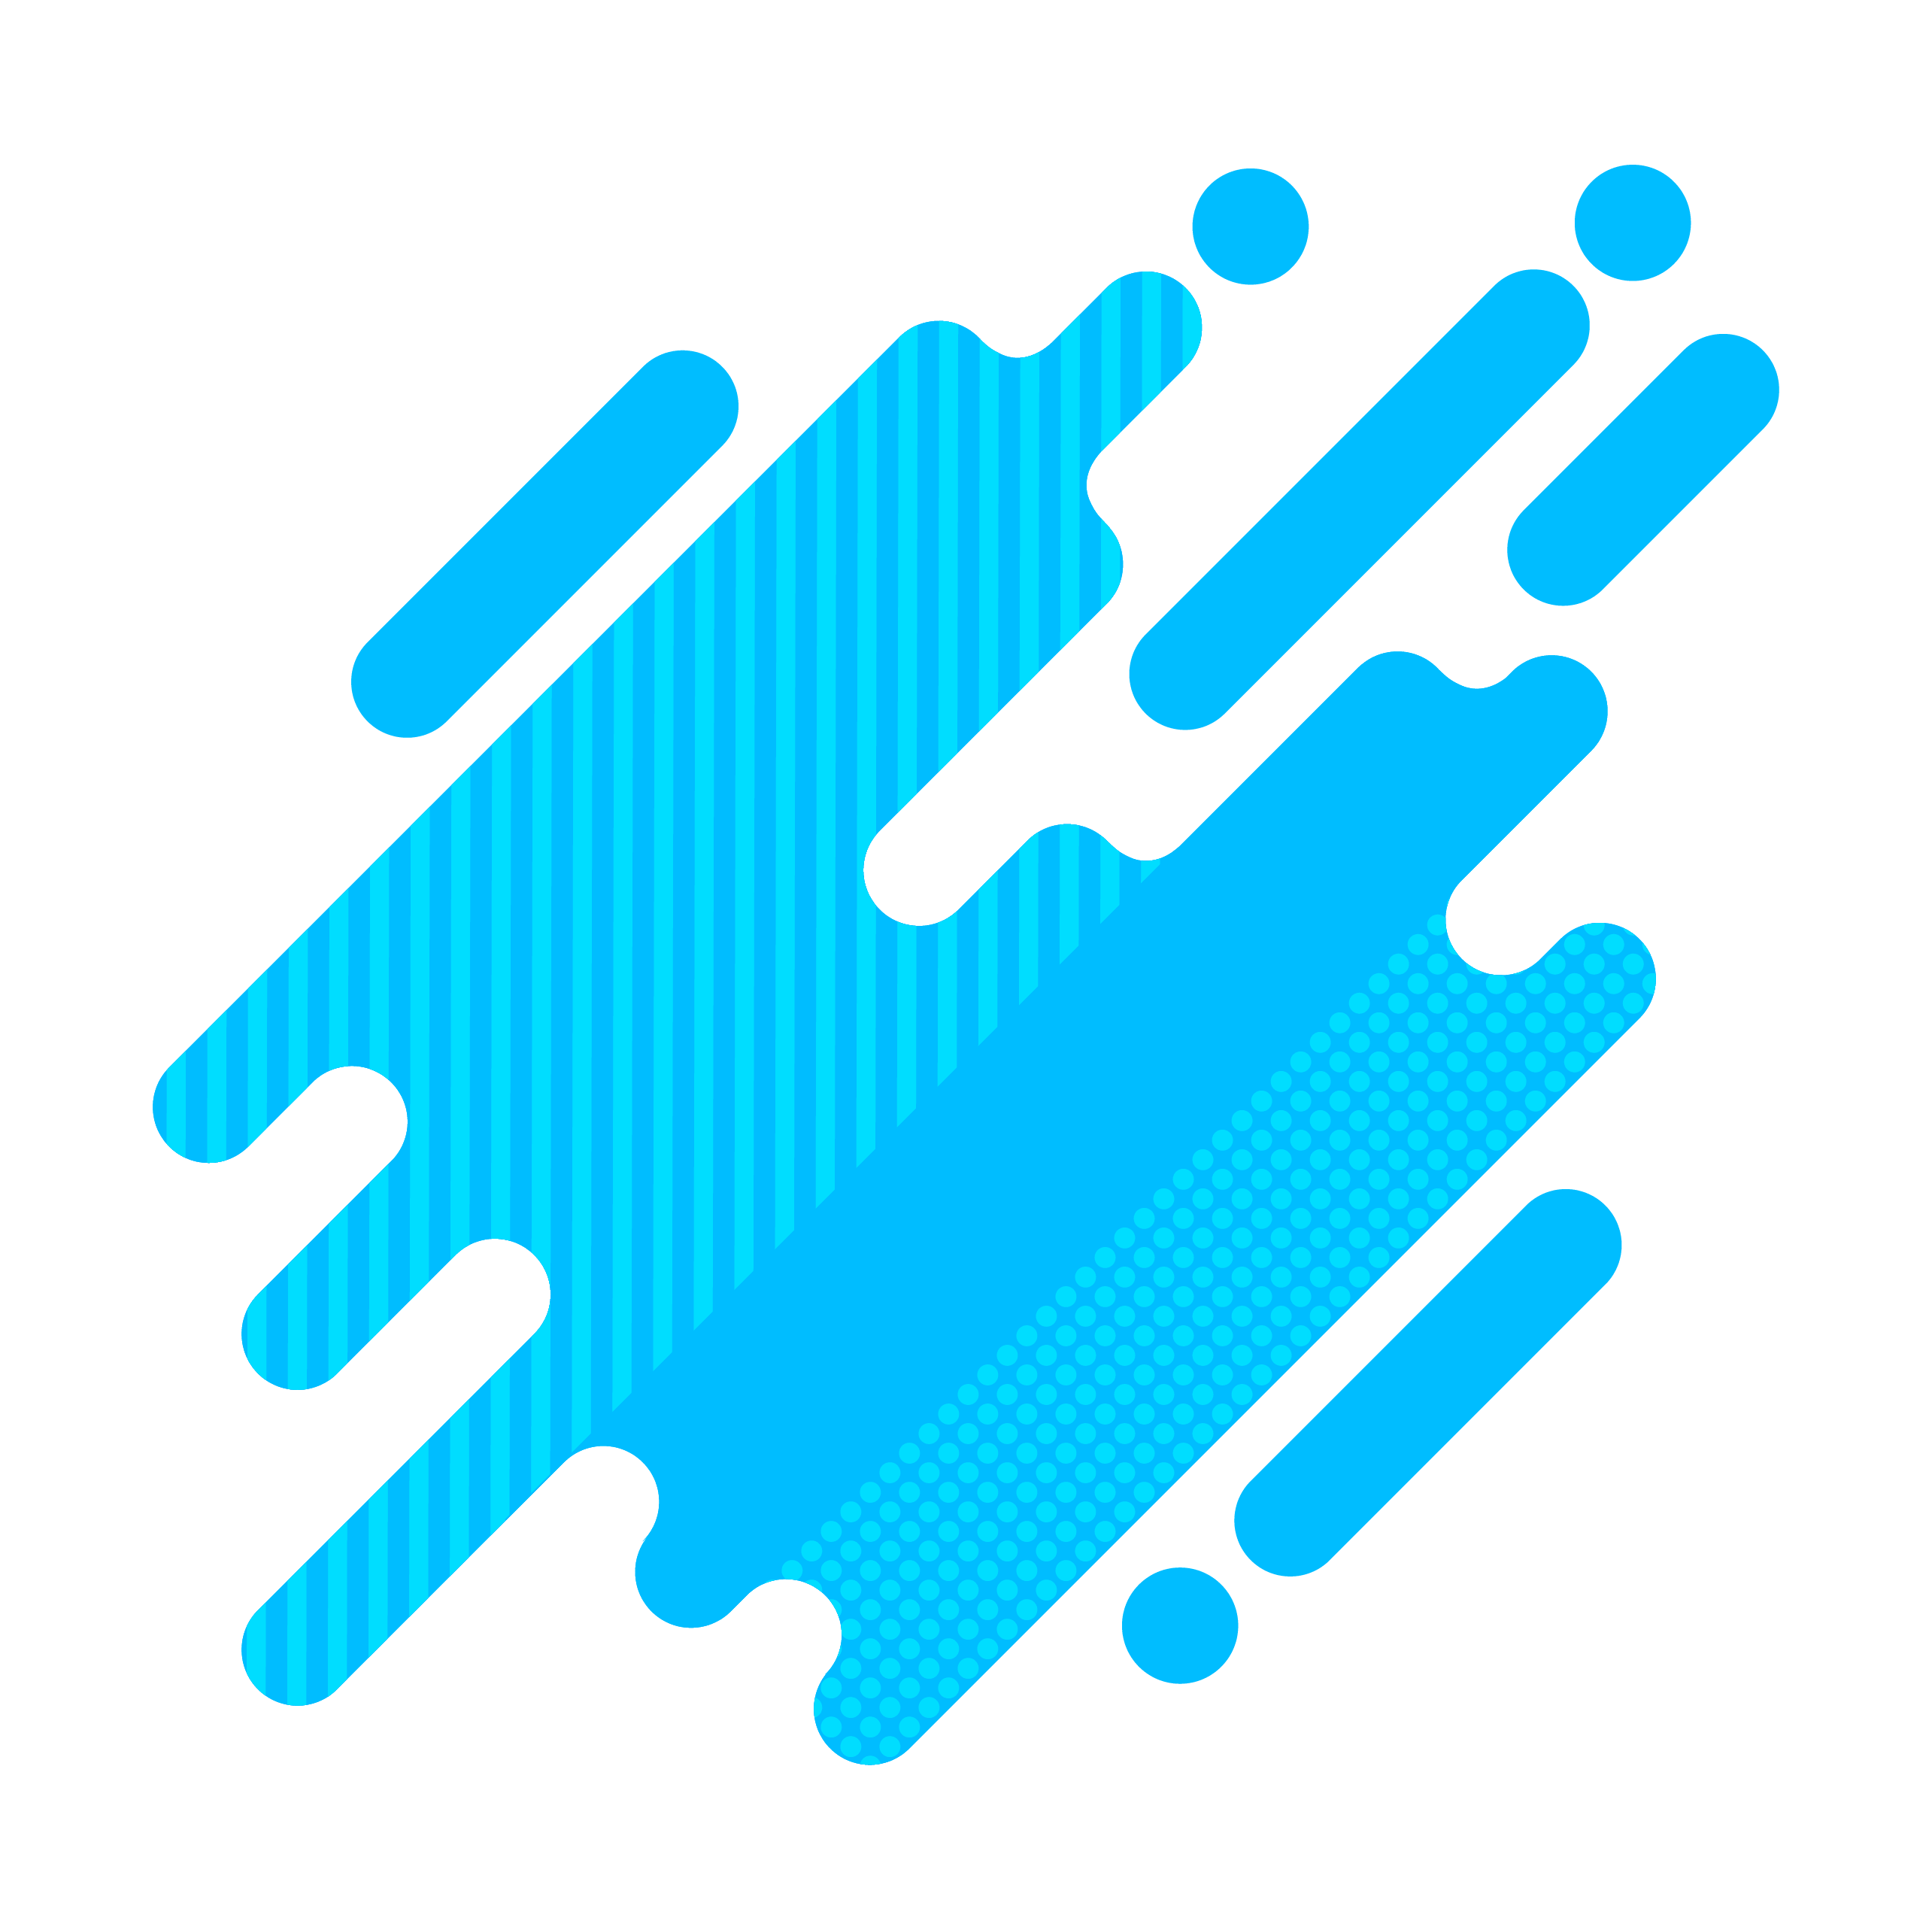 Strony internetowe - oferta firmy Agencja Reklamowa DKAmedia